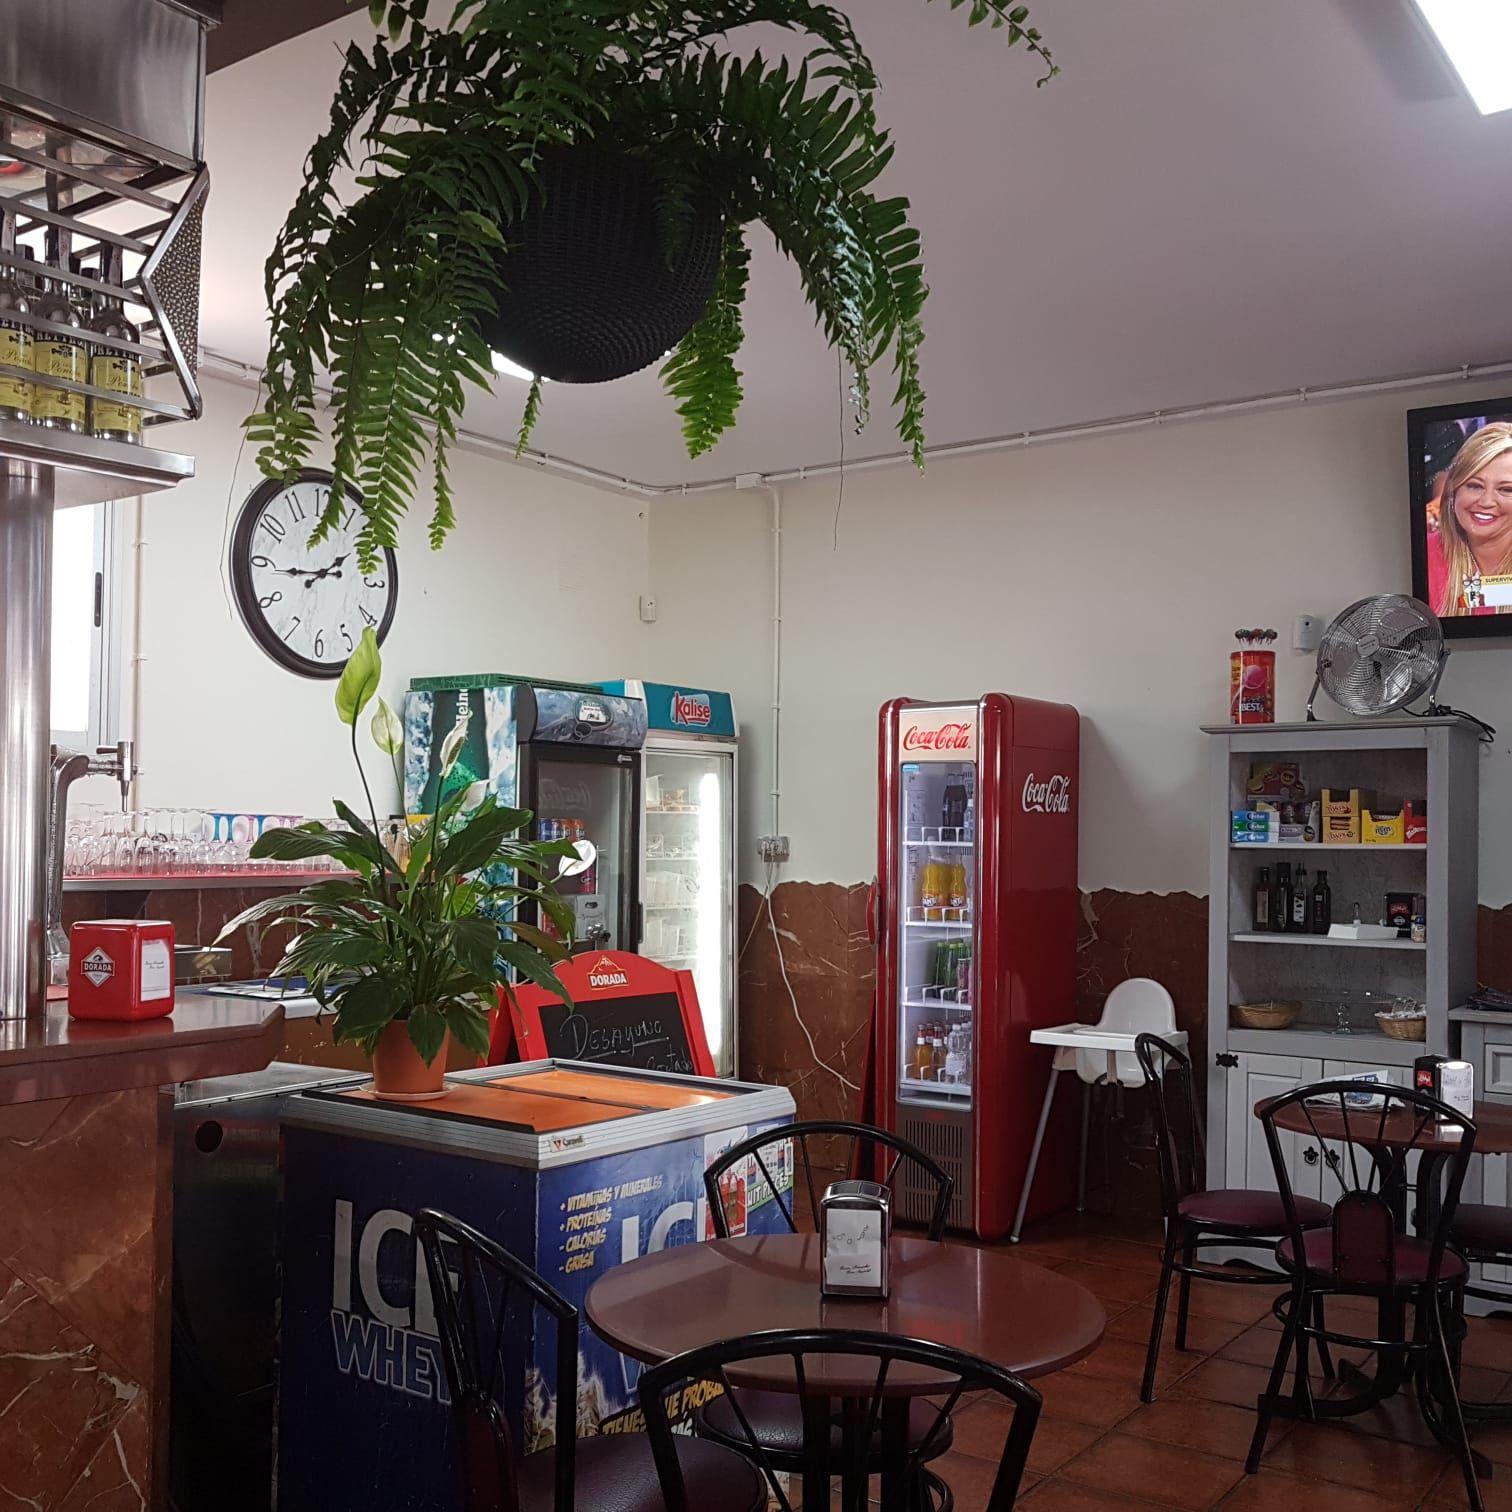 Foto 16 de Churrería  en  | Cafetería  Mortadelo